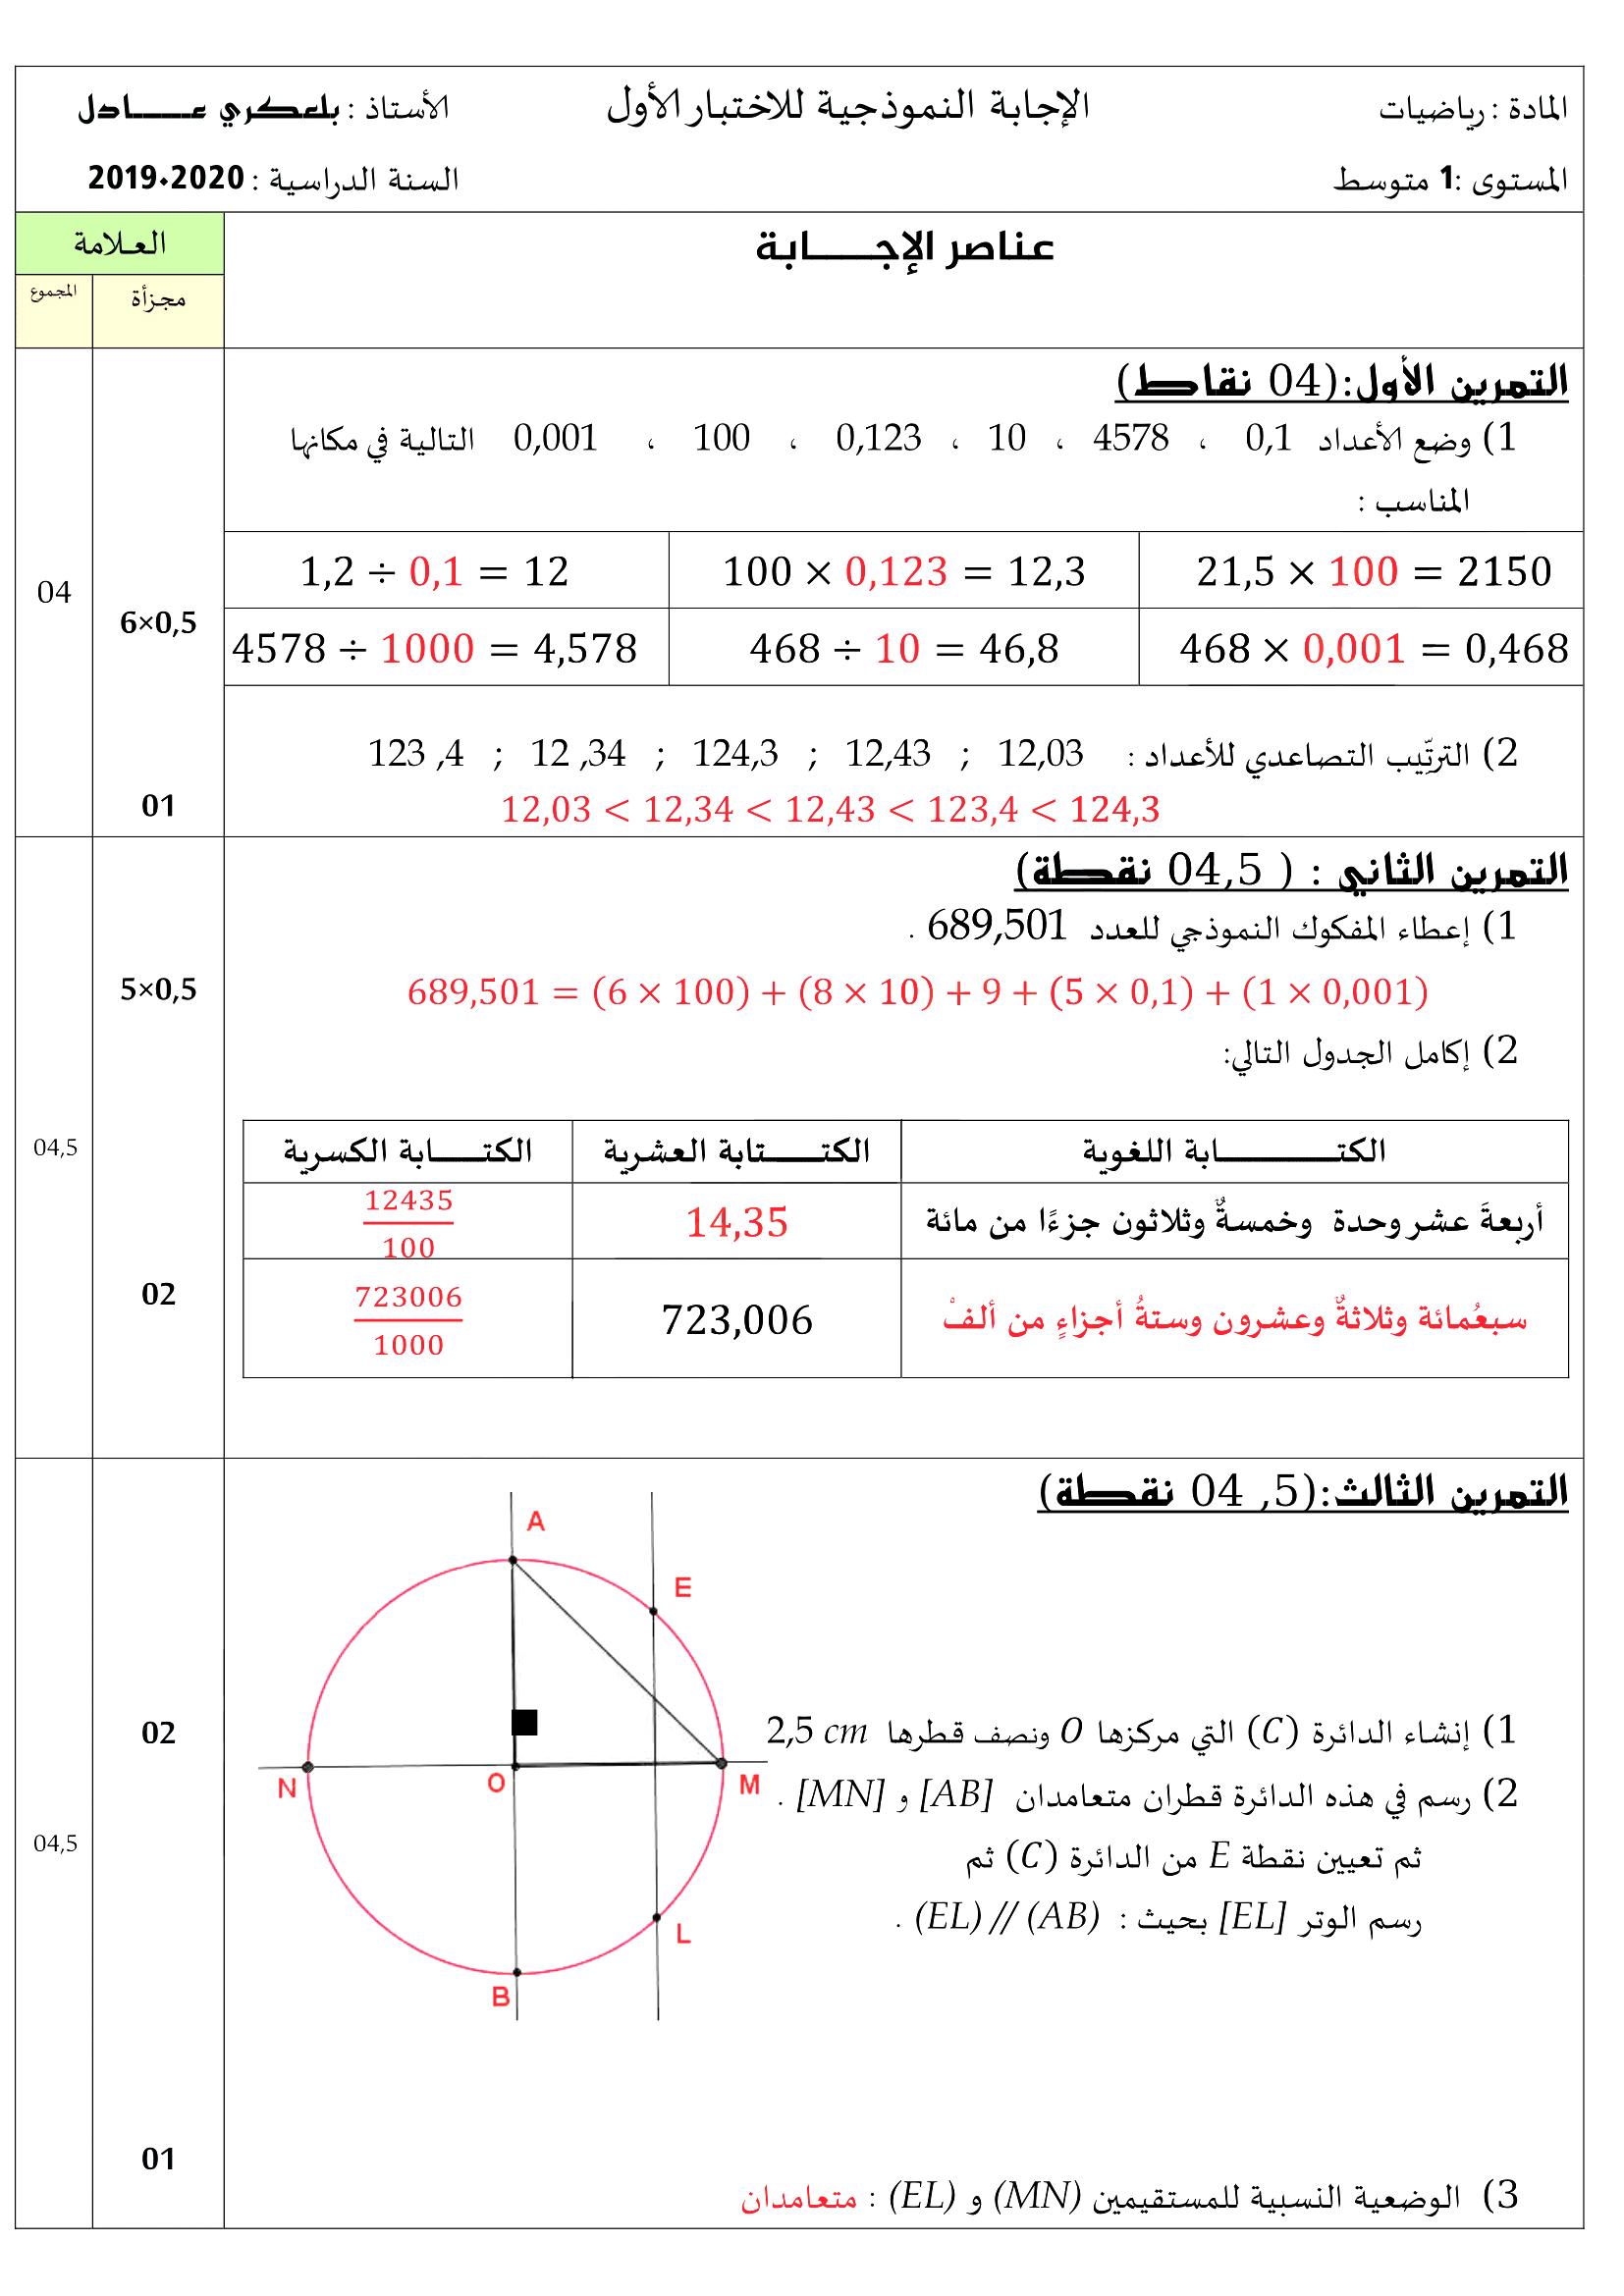 1am Exams Math فروض و اختبارات السنة أولى متوسط مادة الرياضيات الفصل الأول 2019 2020 النموذج 01 Math Chart Exam